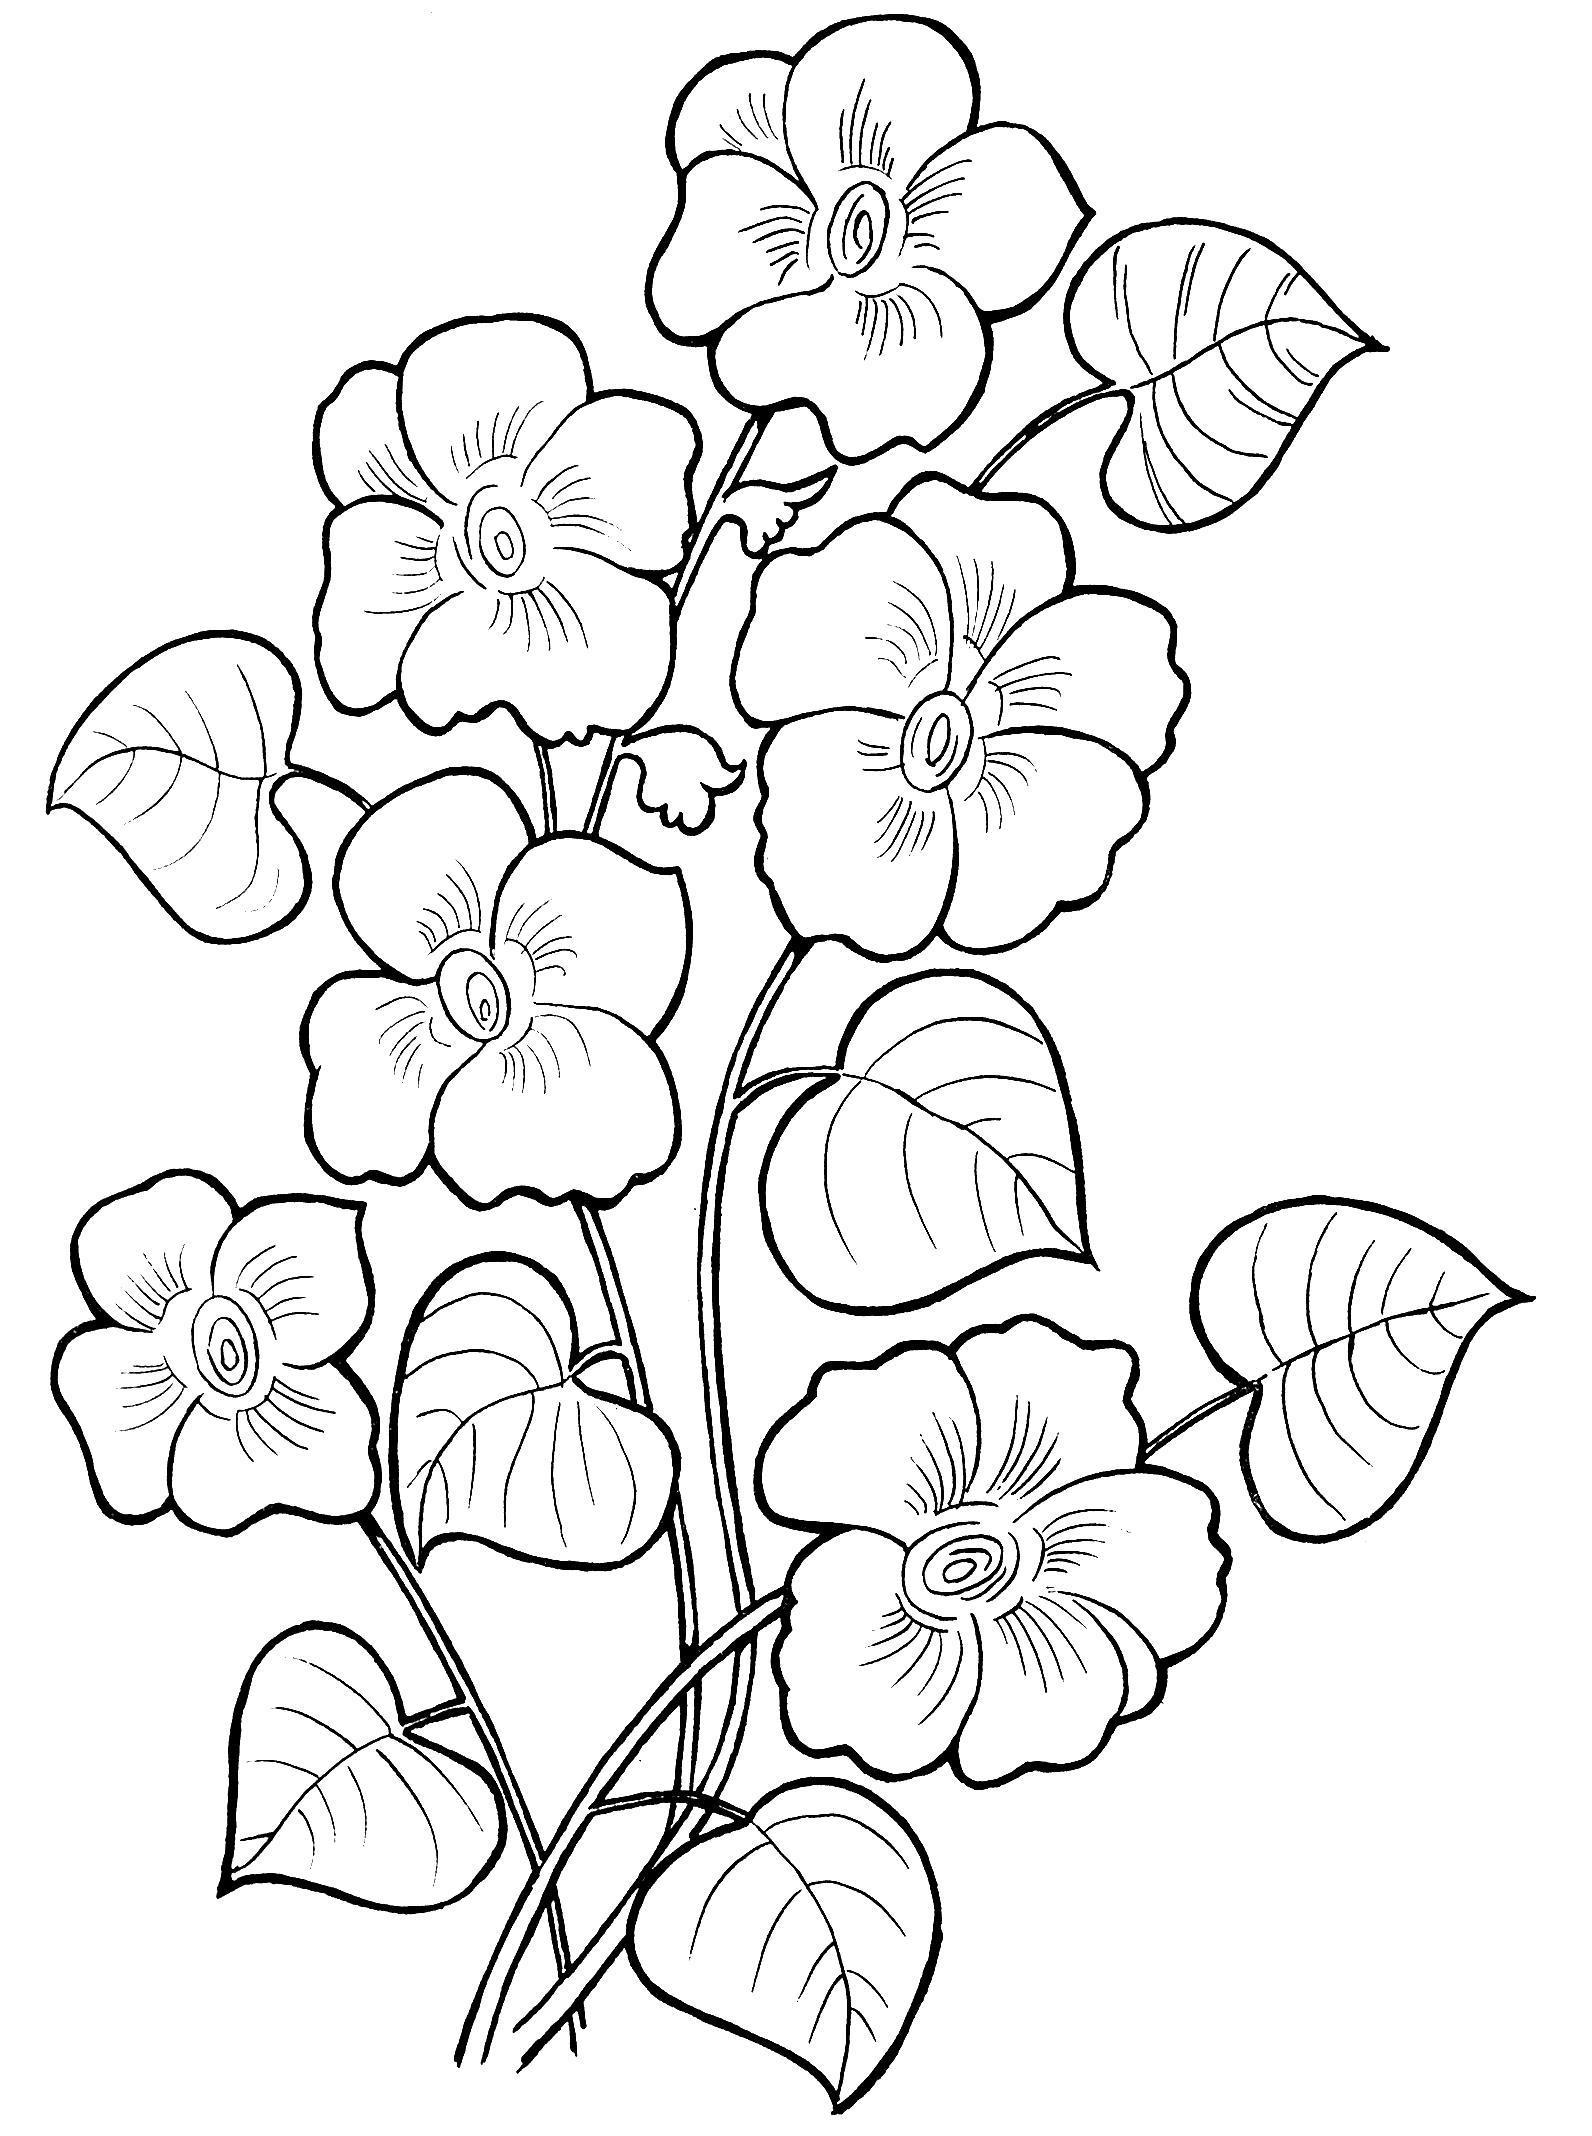 Полевые цветы Полевые цветы Галерея раскрасок с цветами онлайнраскраски цветы